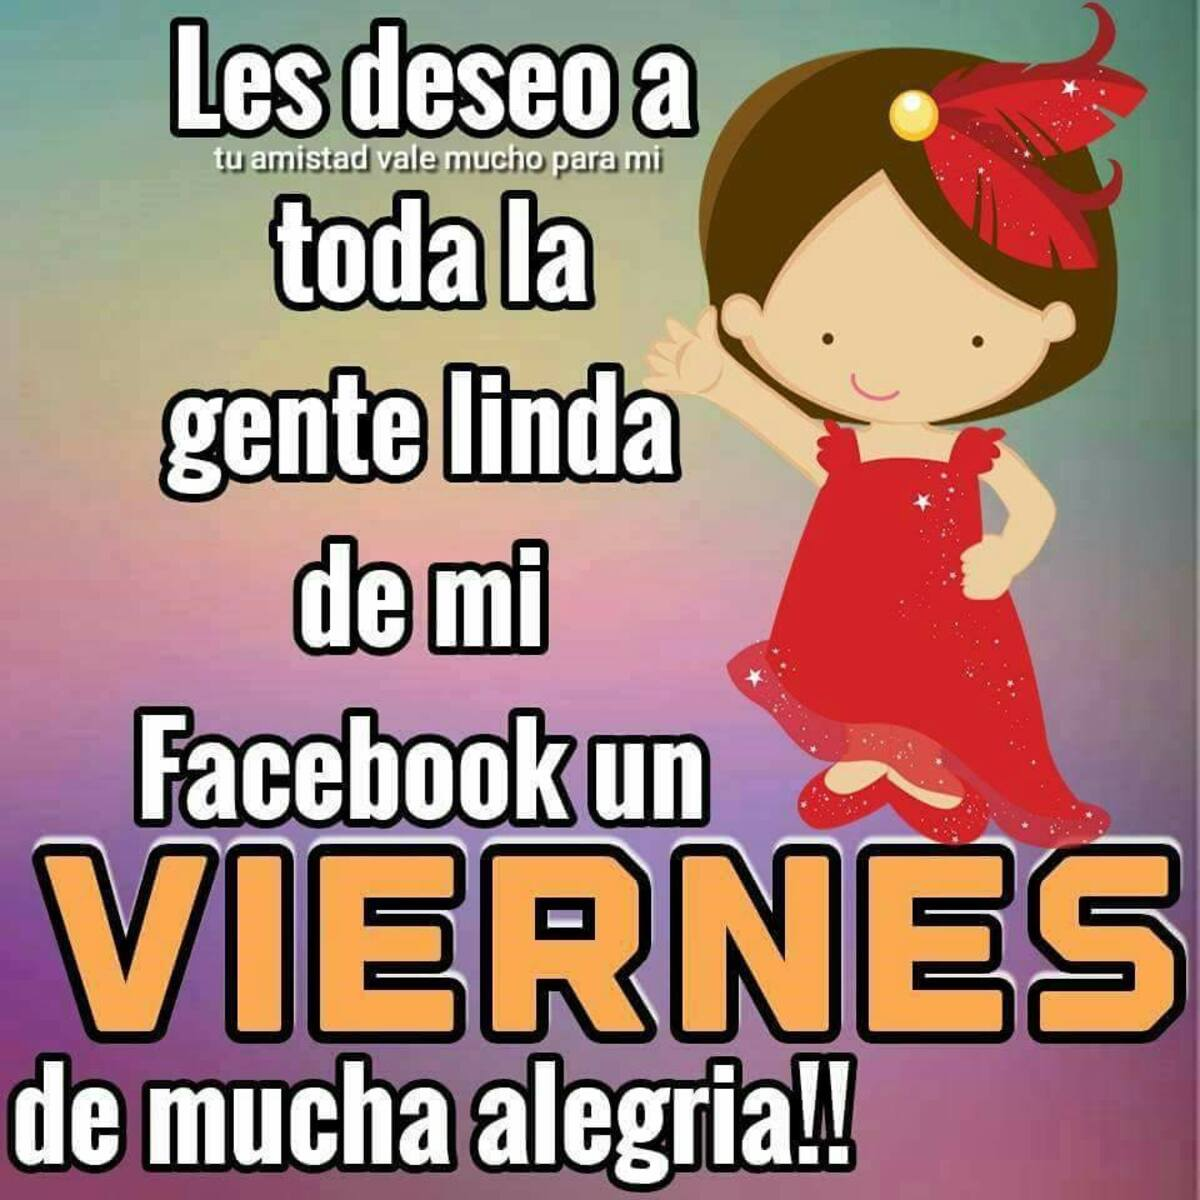 Les deseo a toda la gente de mi facebook un viernes de mucha alegria!!